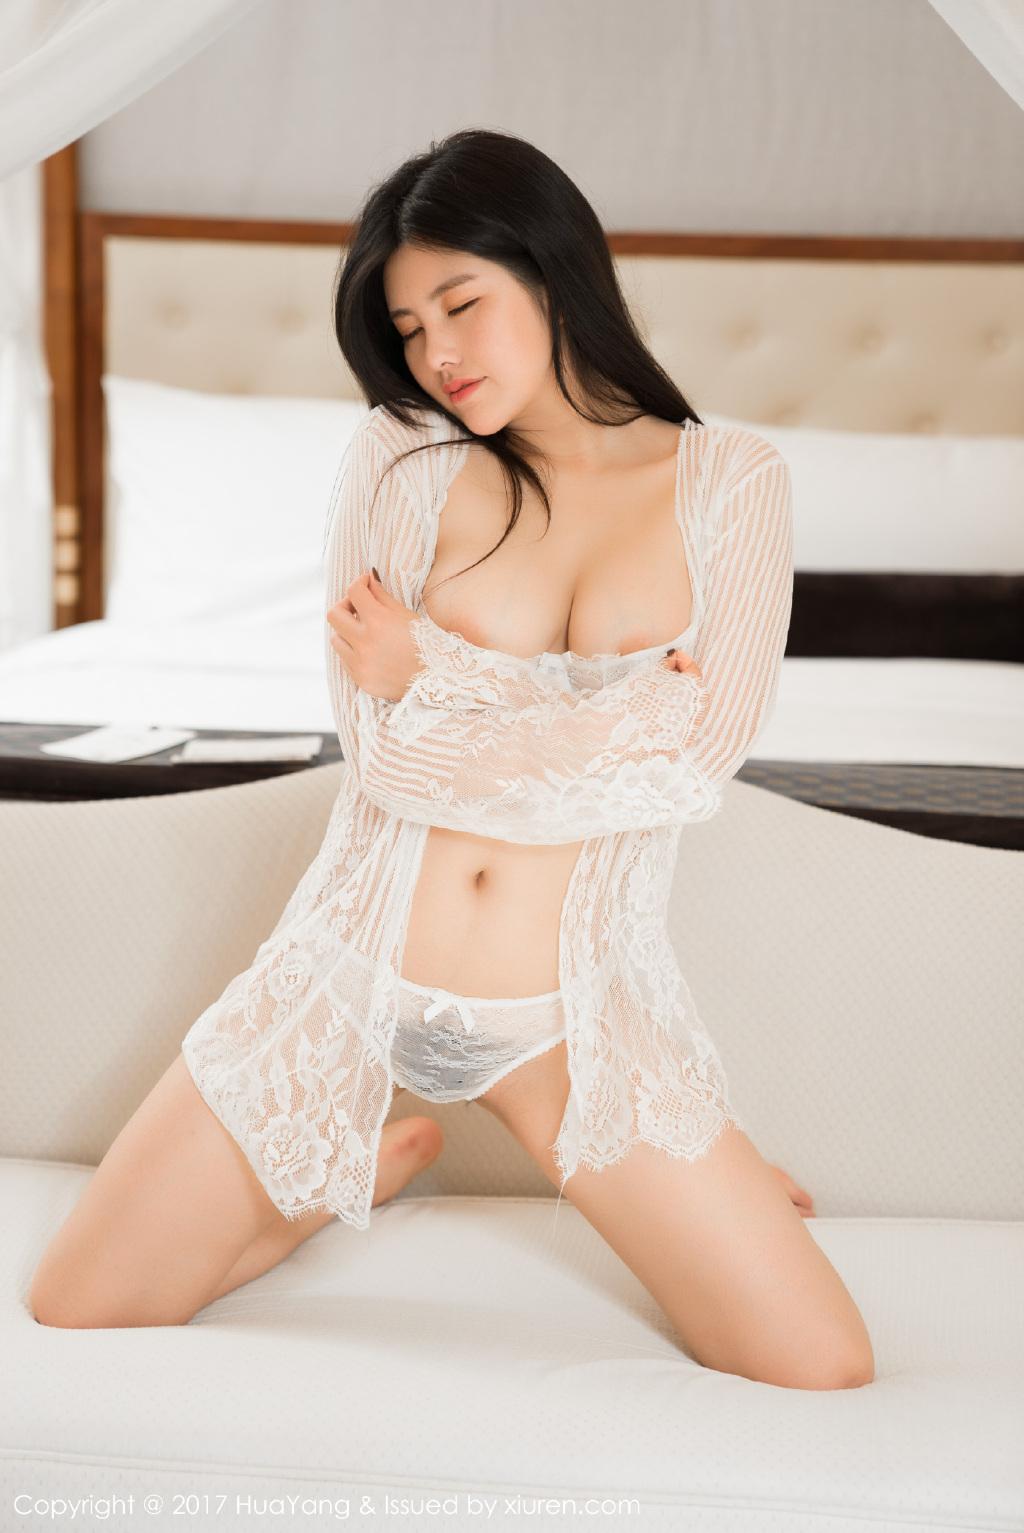 花漾美女写真在线欣赏:好身材模特娜露Selena(40P)